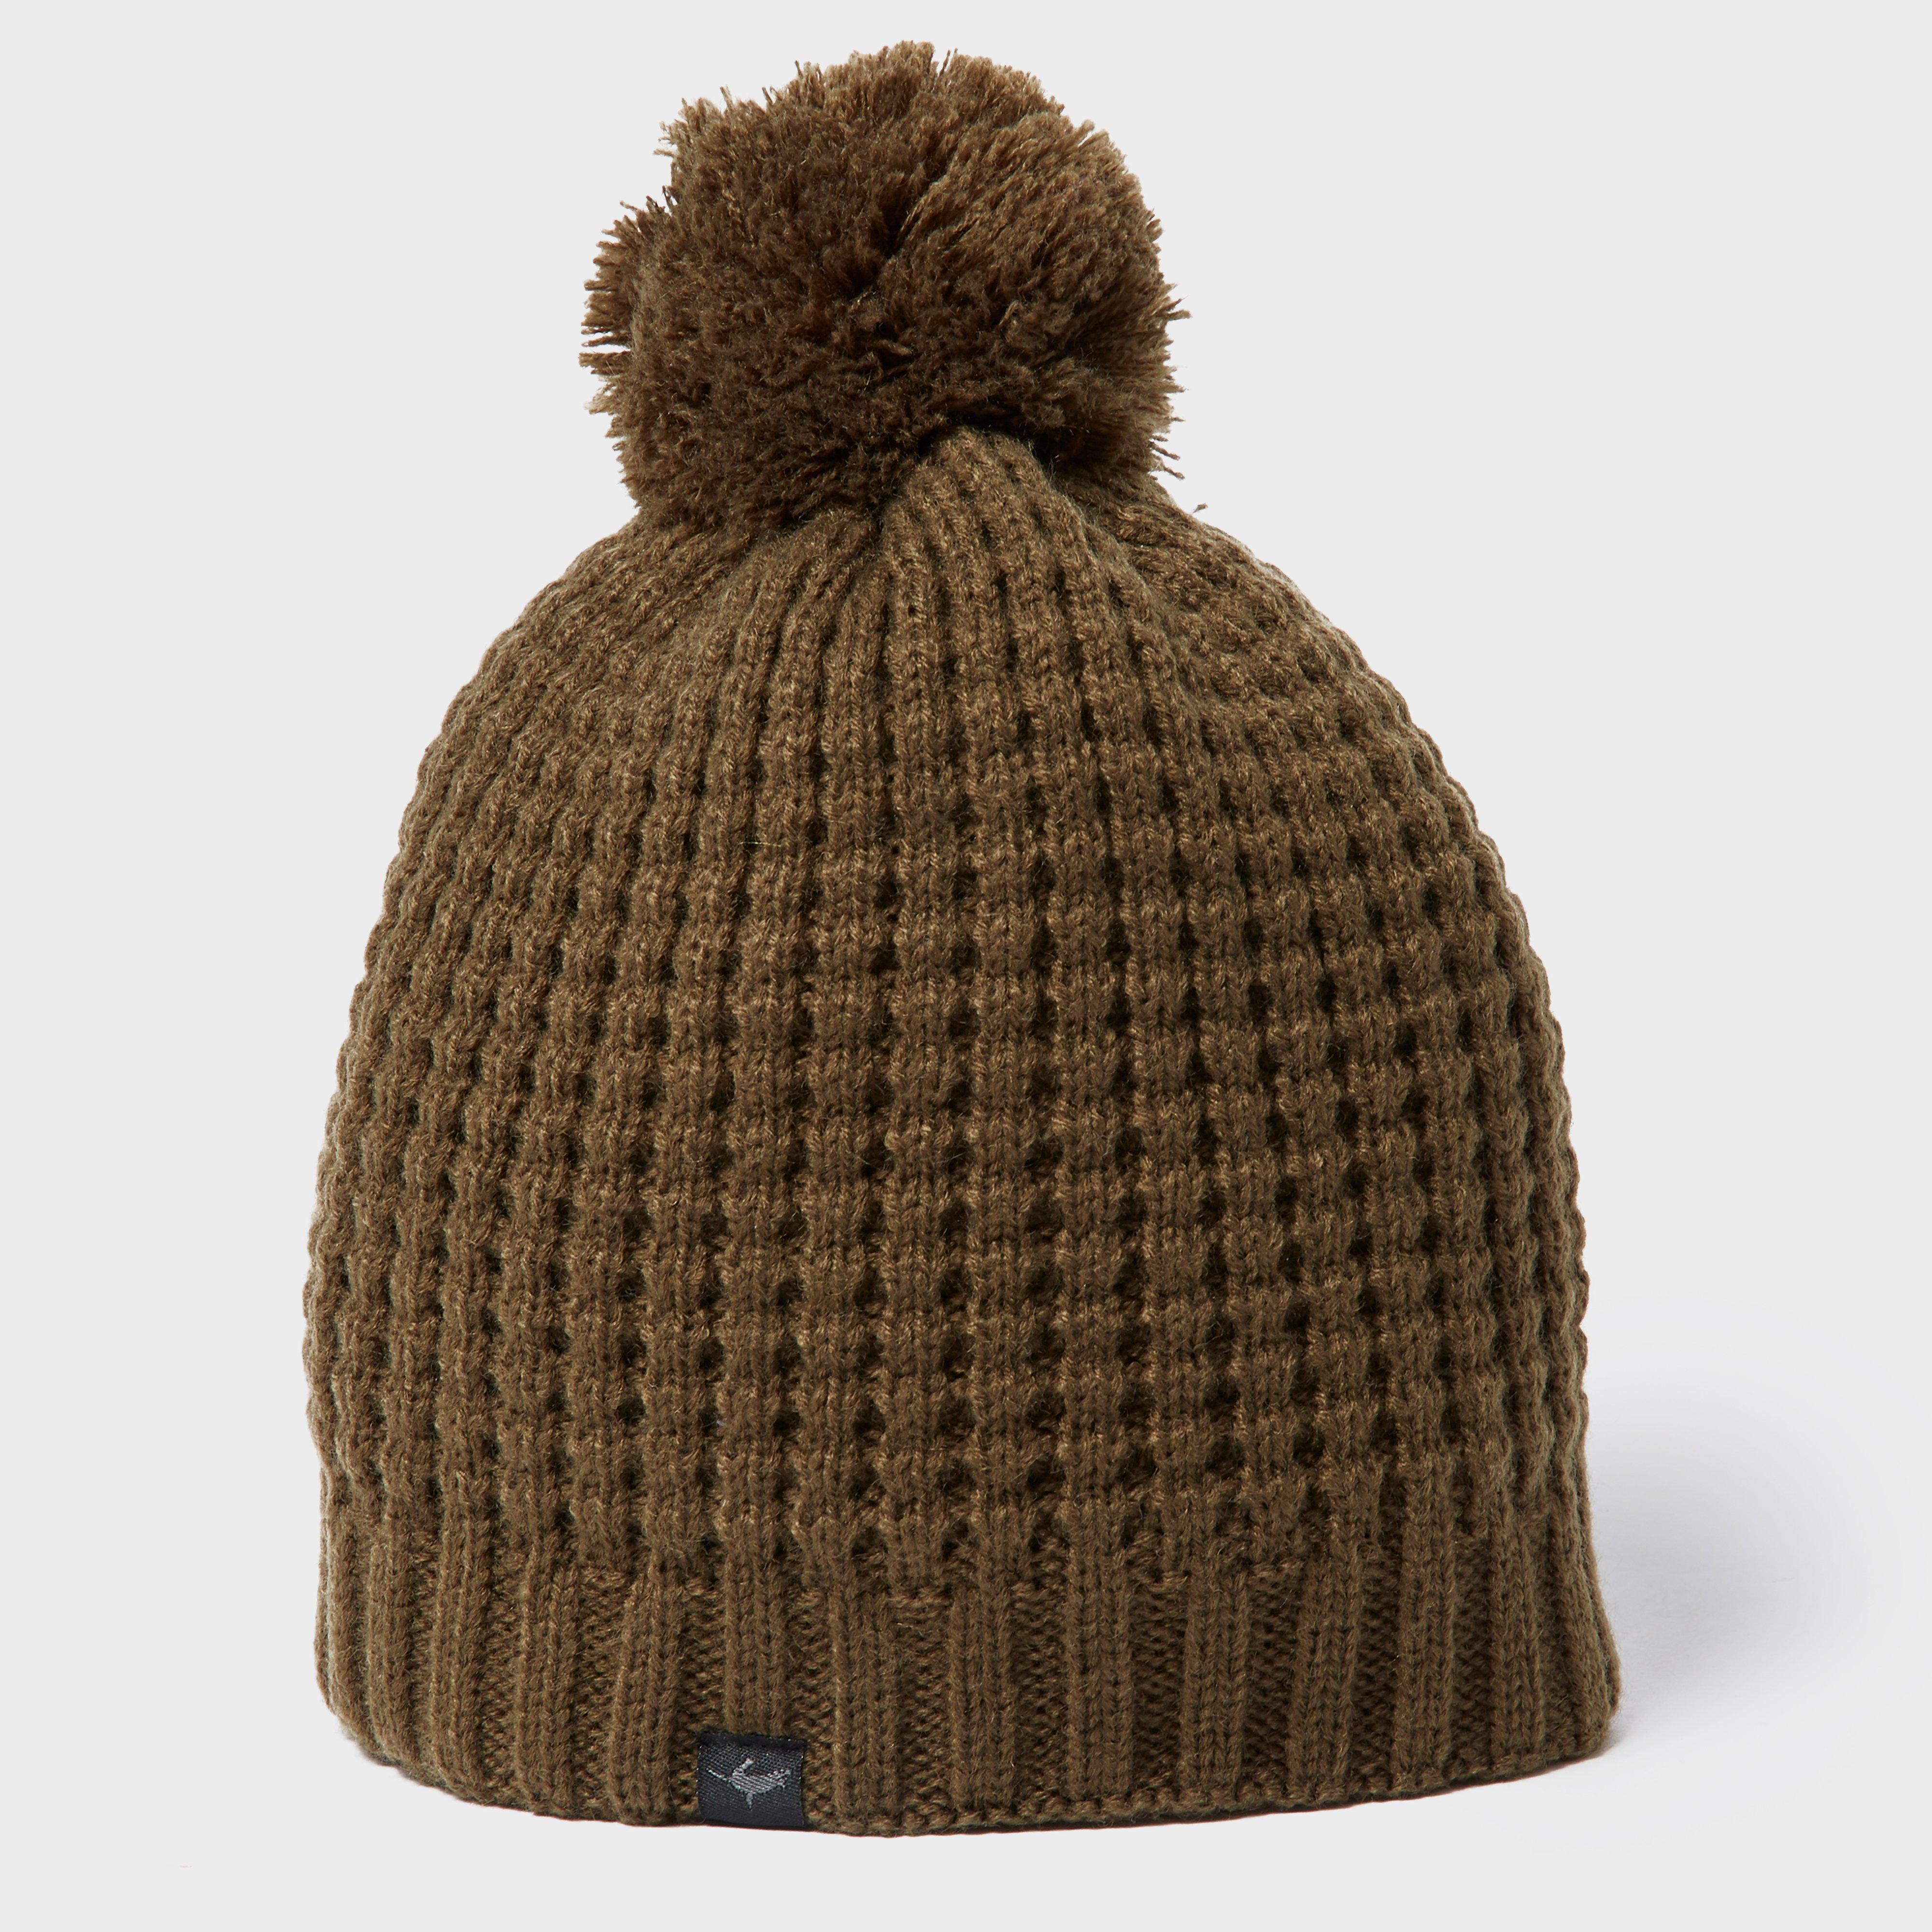 a3dea6f28 Waterproof Knitted Bobble Hat